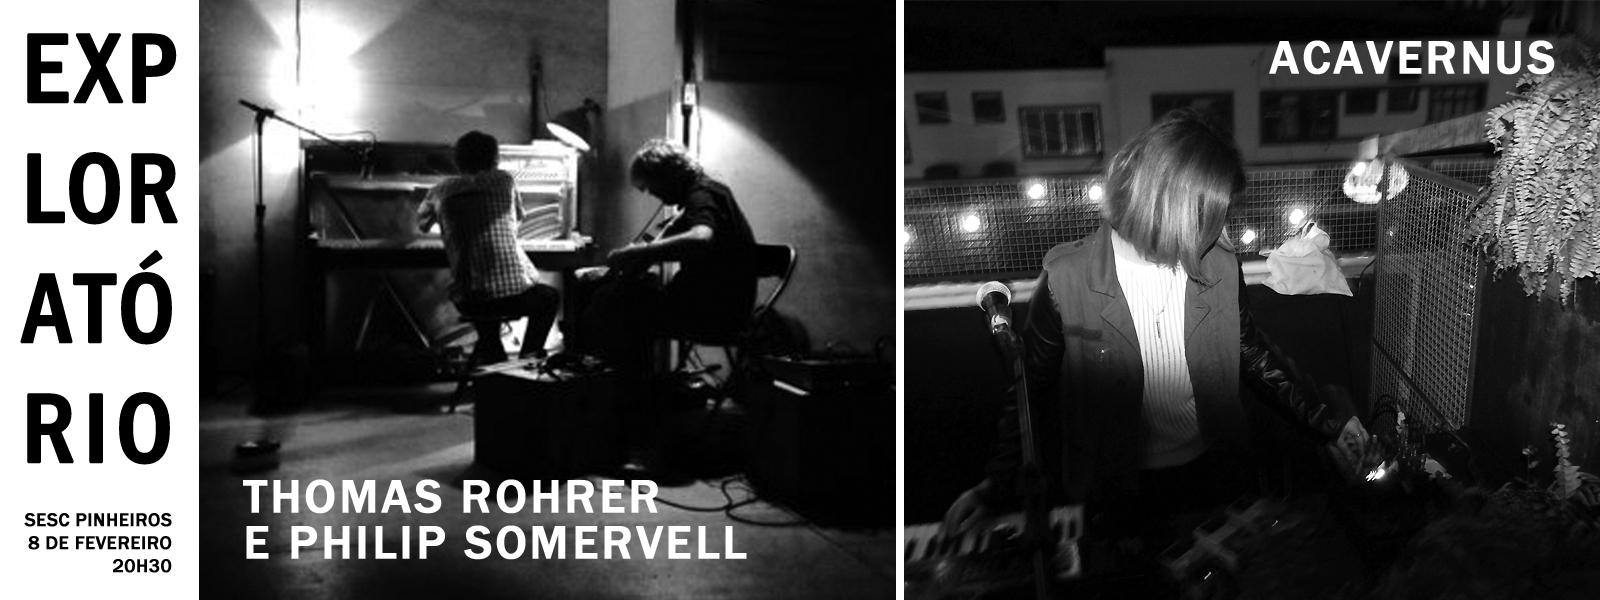 Thomas Rohrer e Philip Somervell + ACAVERNUS no Exploratório, SESC Pinheiros /SP